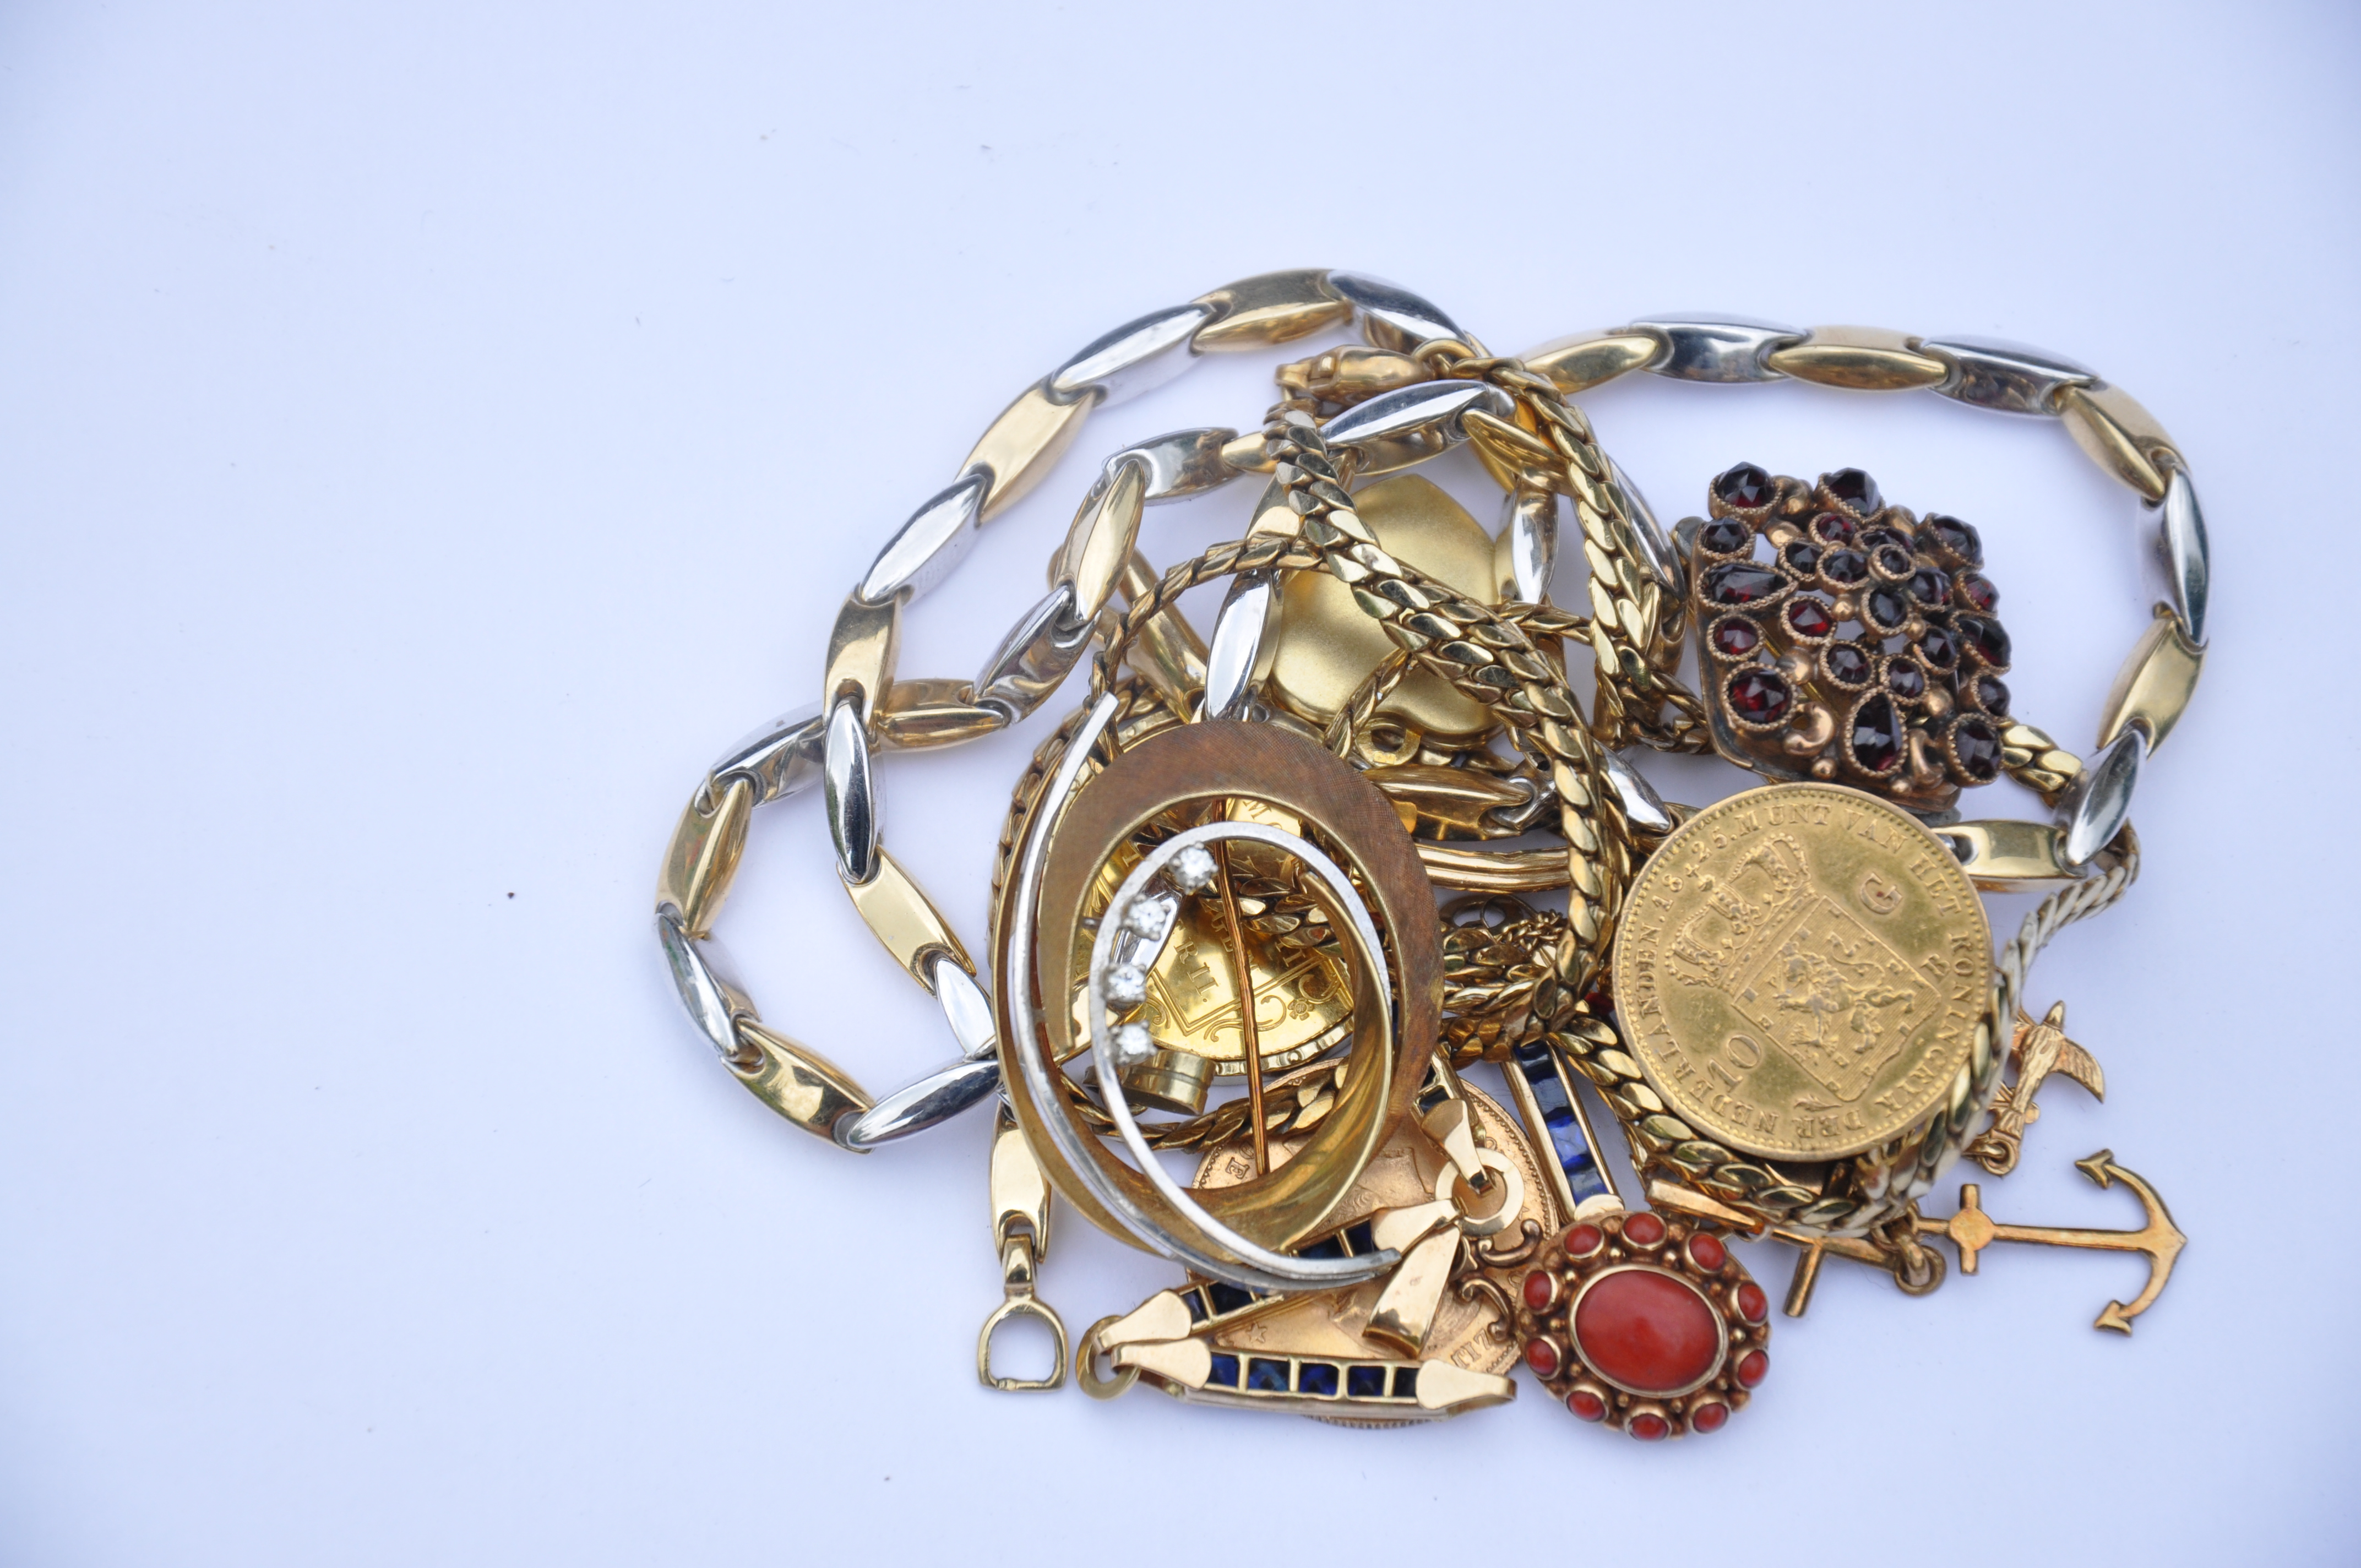 Verkoop uw oud goud bij juwelier Verbree